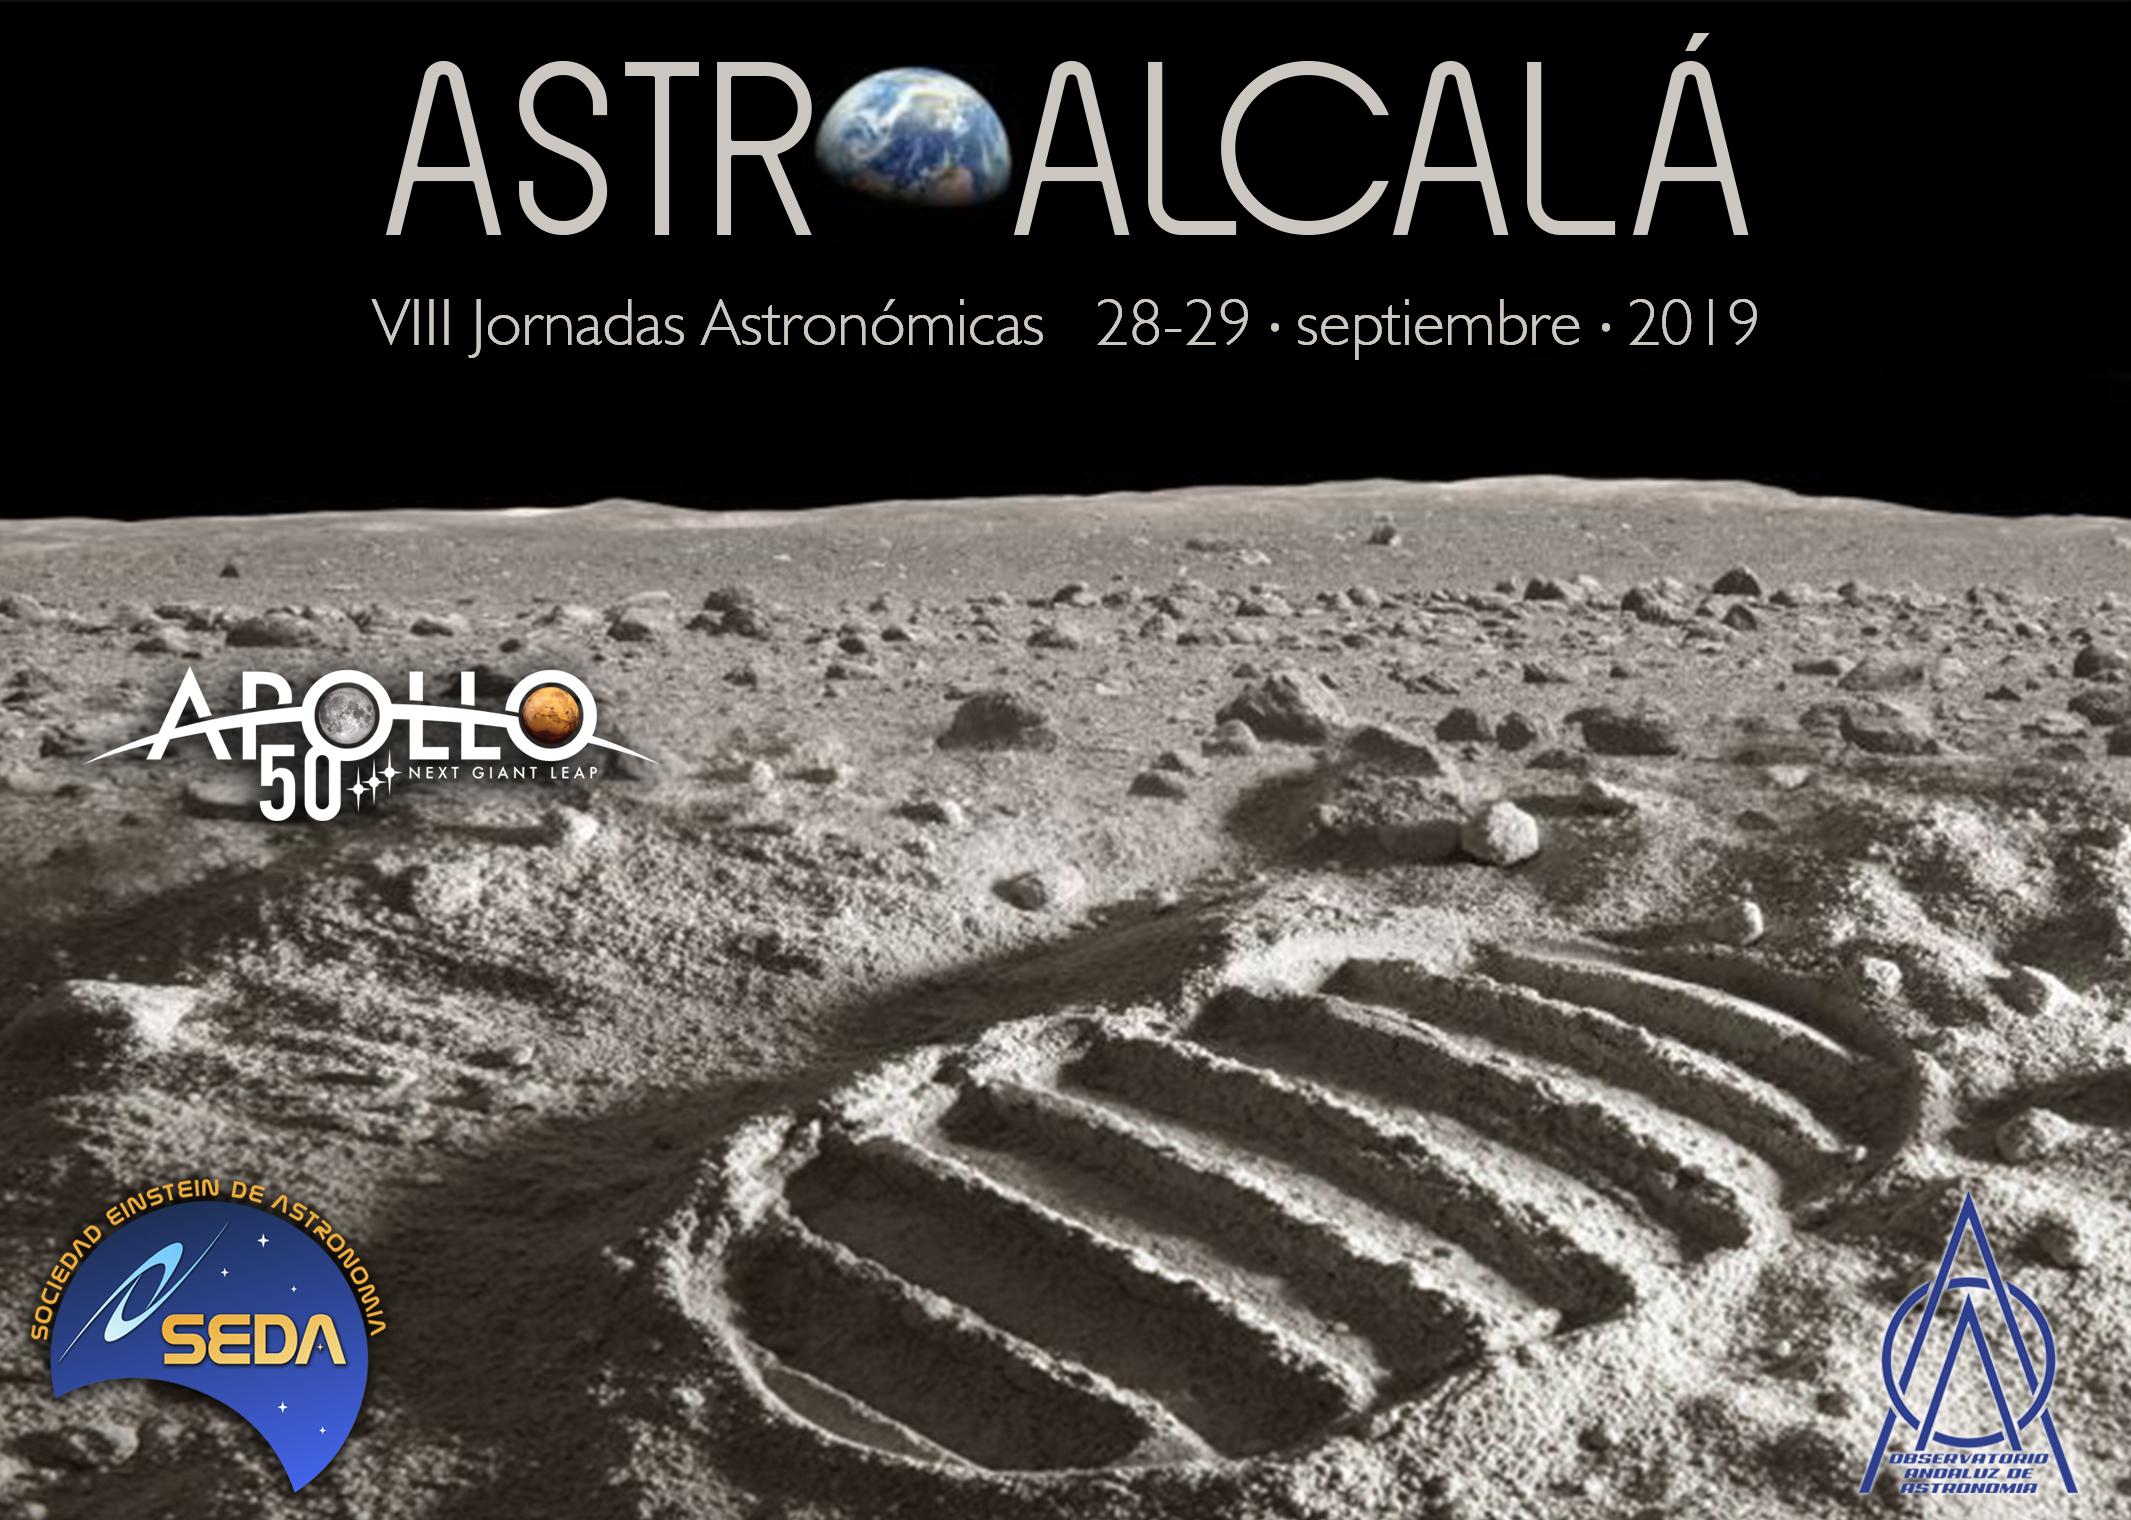 astroalcala2019-web